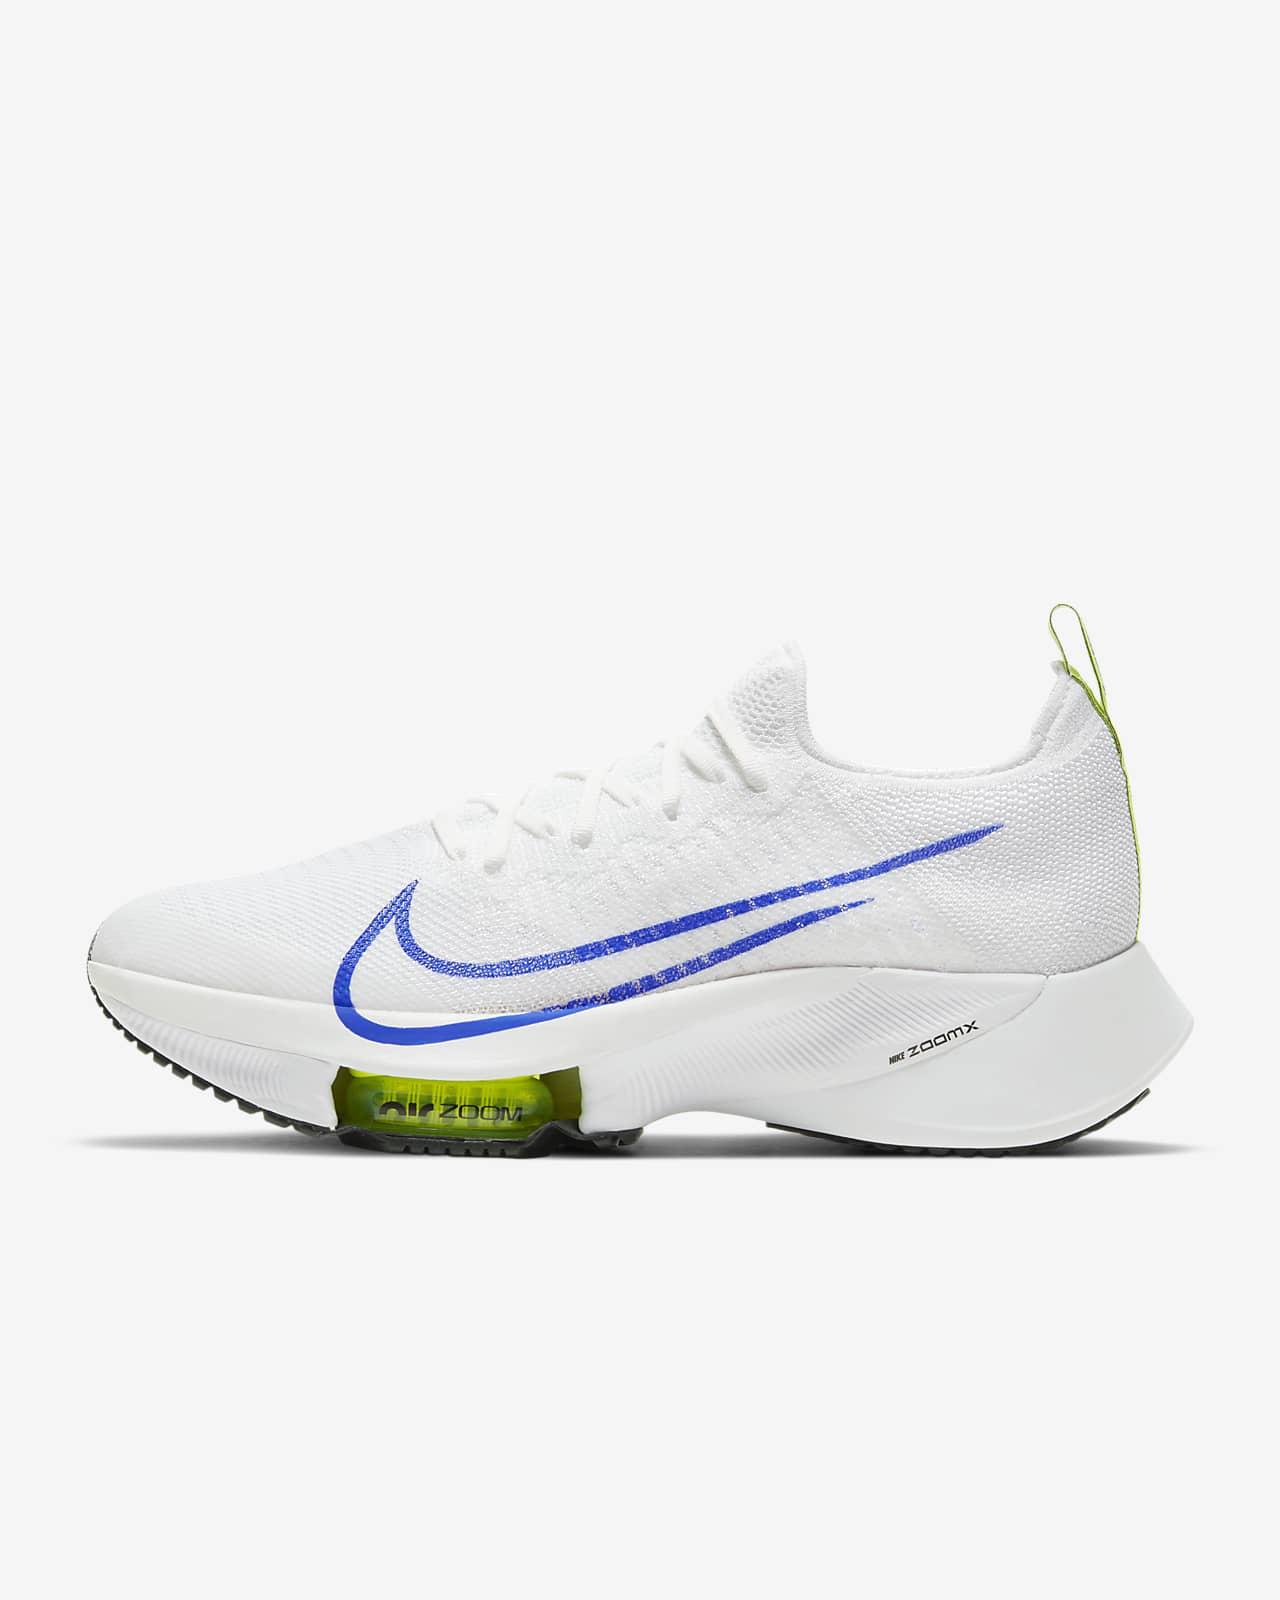 Nike Air Zoom Tempo NEXT% Erkek Yol Koşu Ayakkabısı